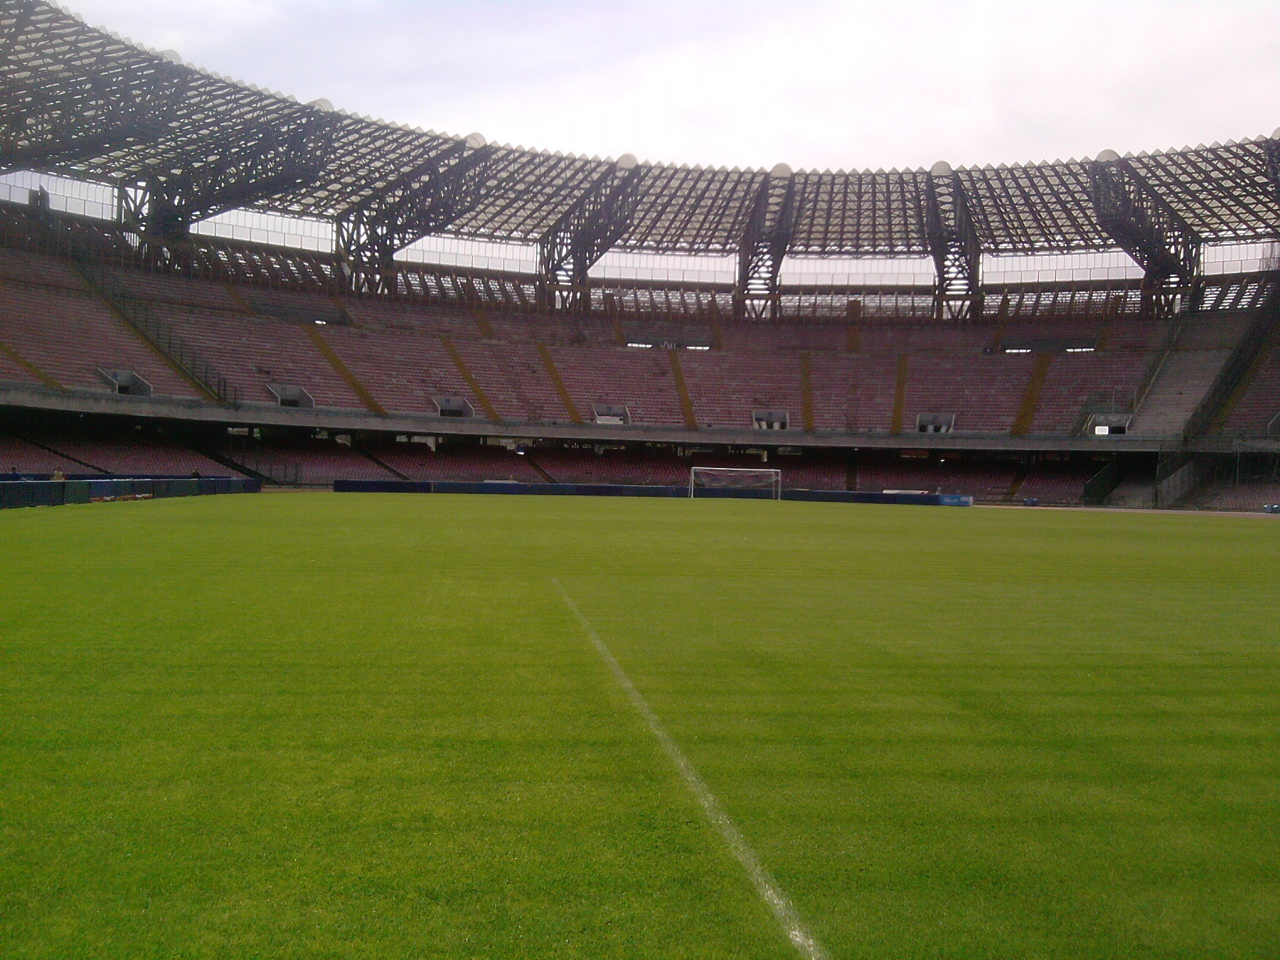 Стадион Сан Паоло в Неапол - стадионът на Наполи, на който дължи години е играл Диего Марадона.